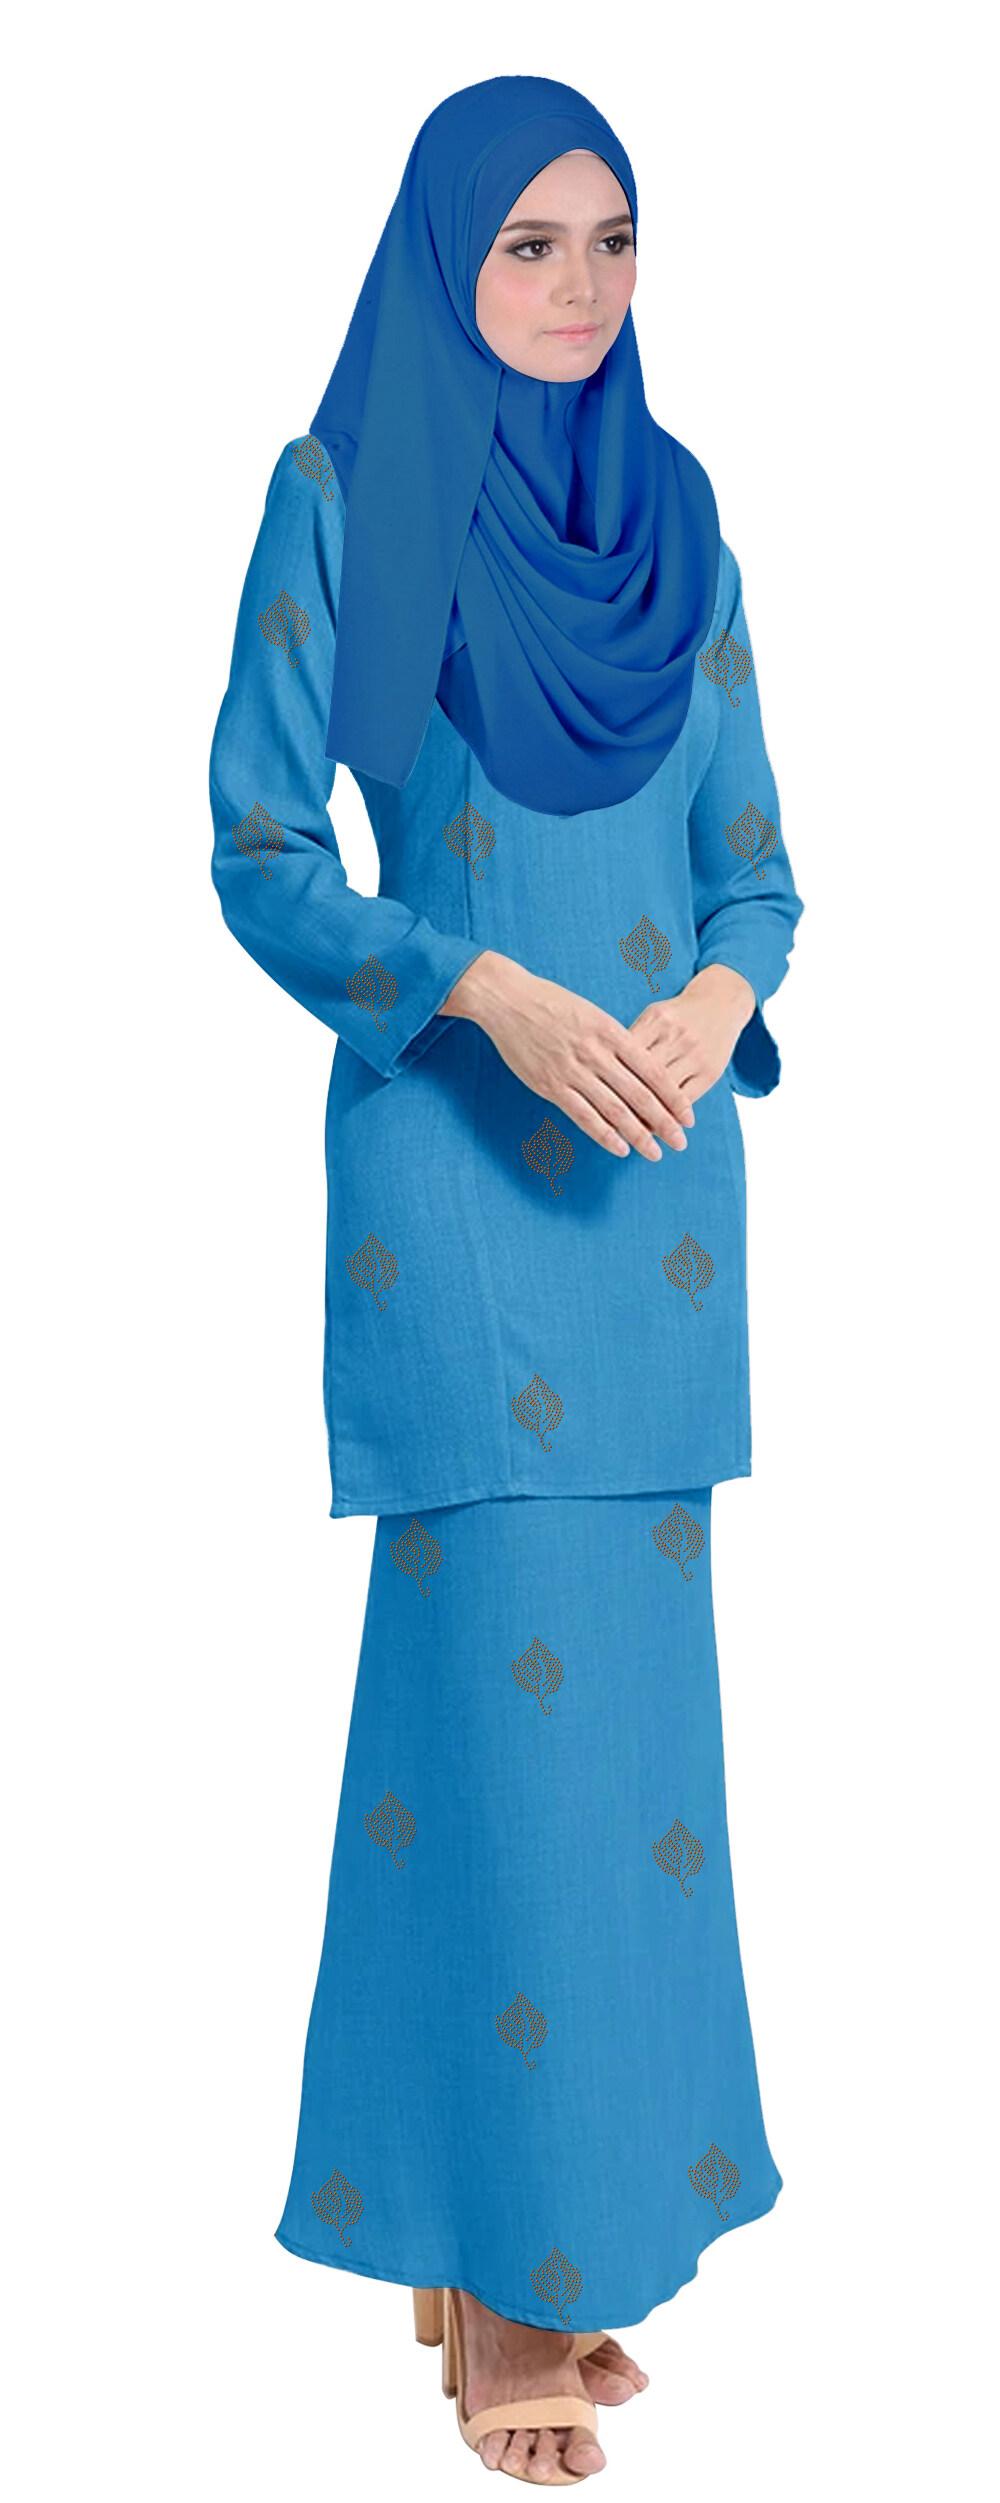 Baju Kurung Tahara For Muslimah Fashoin -Tahara-Ocean Blue